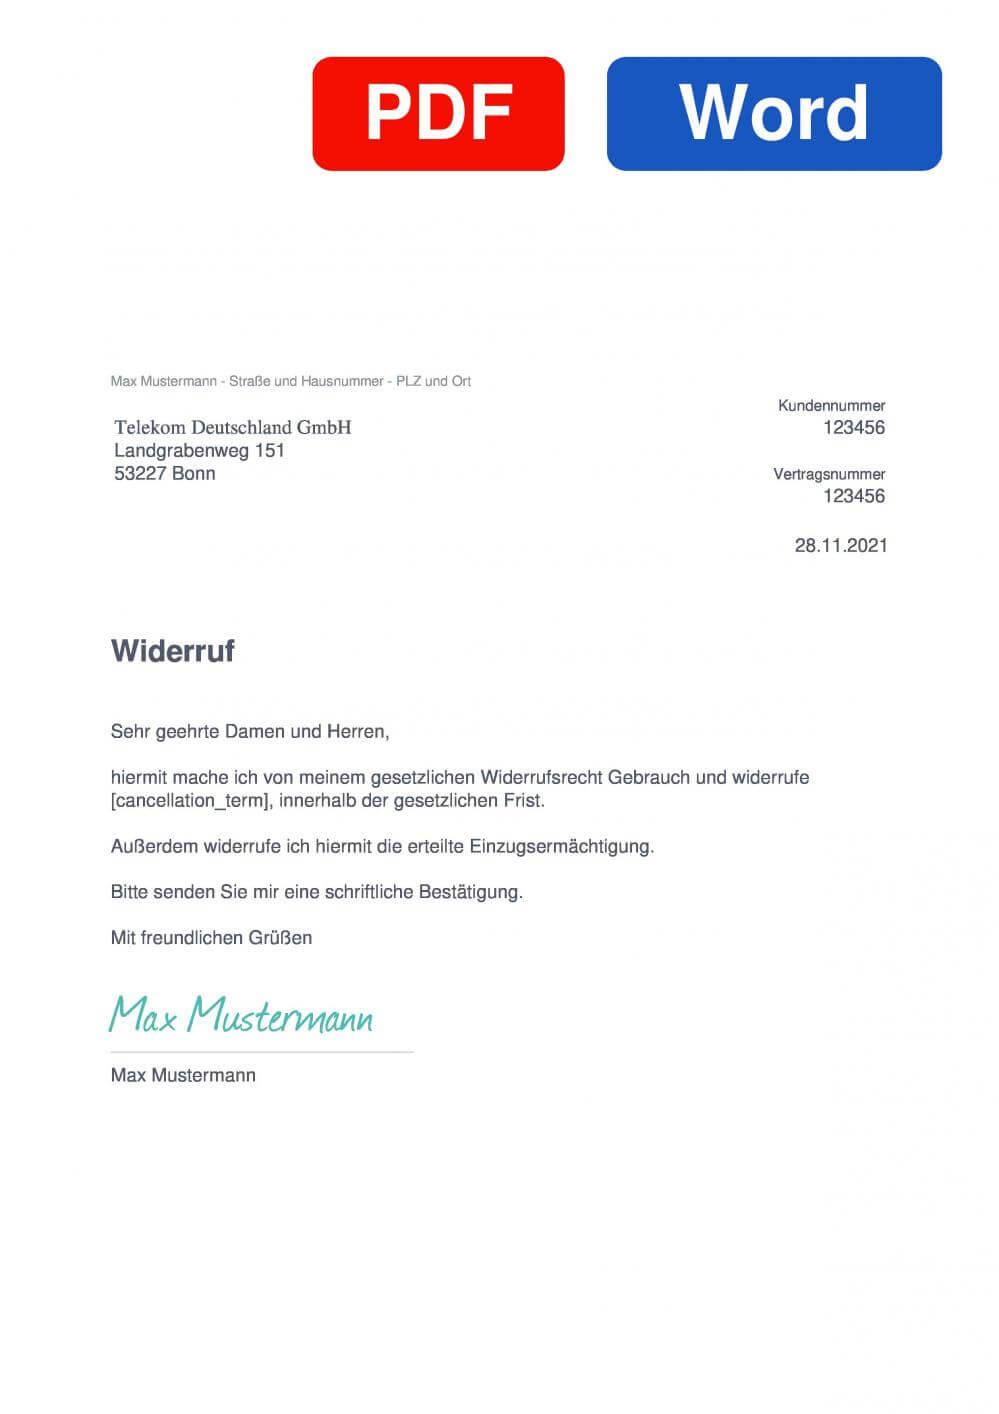 Telekom Magenta Muster Vorlage für Wiederrufsschreiben